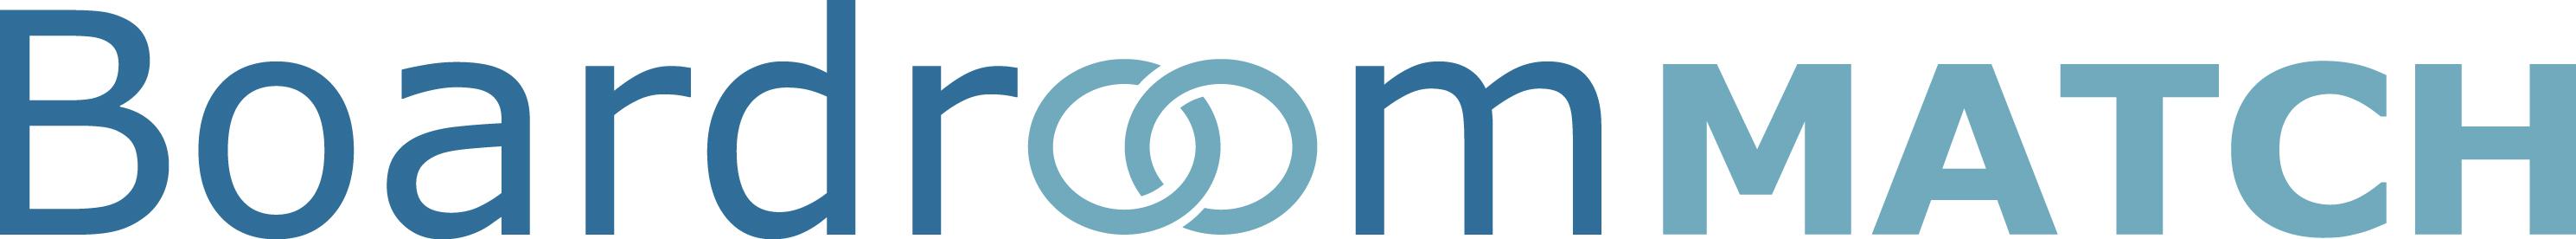 BoardroomMatch biedt u vacatures voor bestuursfuncties en toezichthoudendende functies. U vindt hier vacatures voor bestuurders, voorzitters en toezichthouders. BoardroomMatch is een initiatief van Bestuurderscentrum.